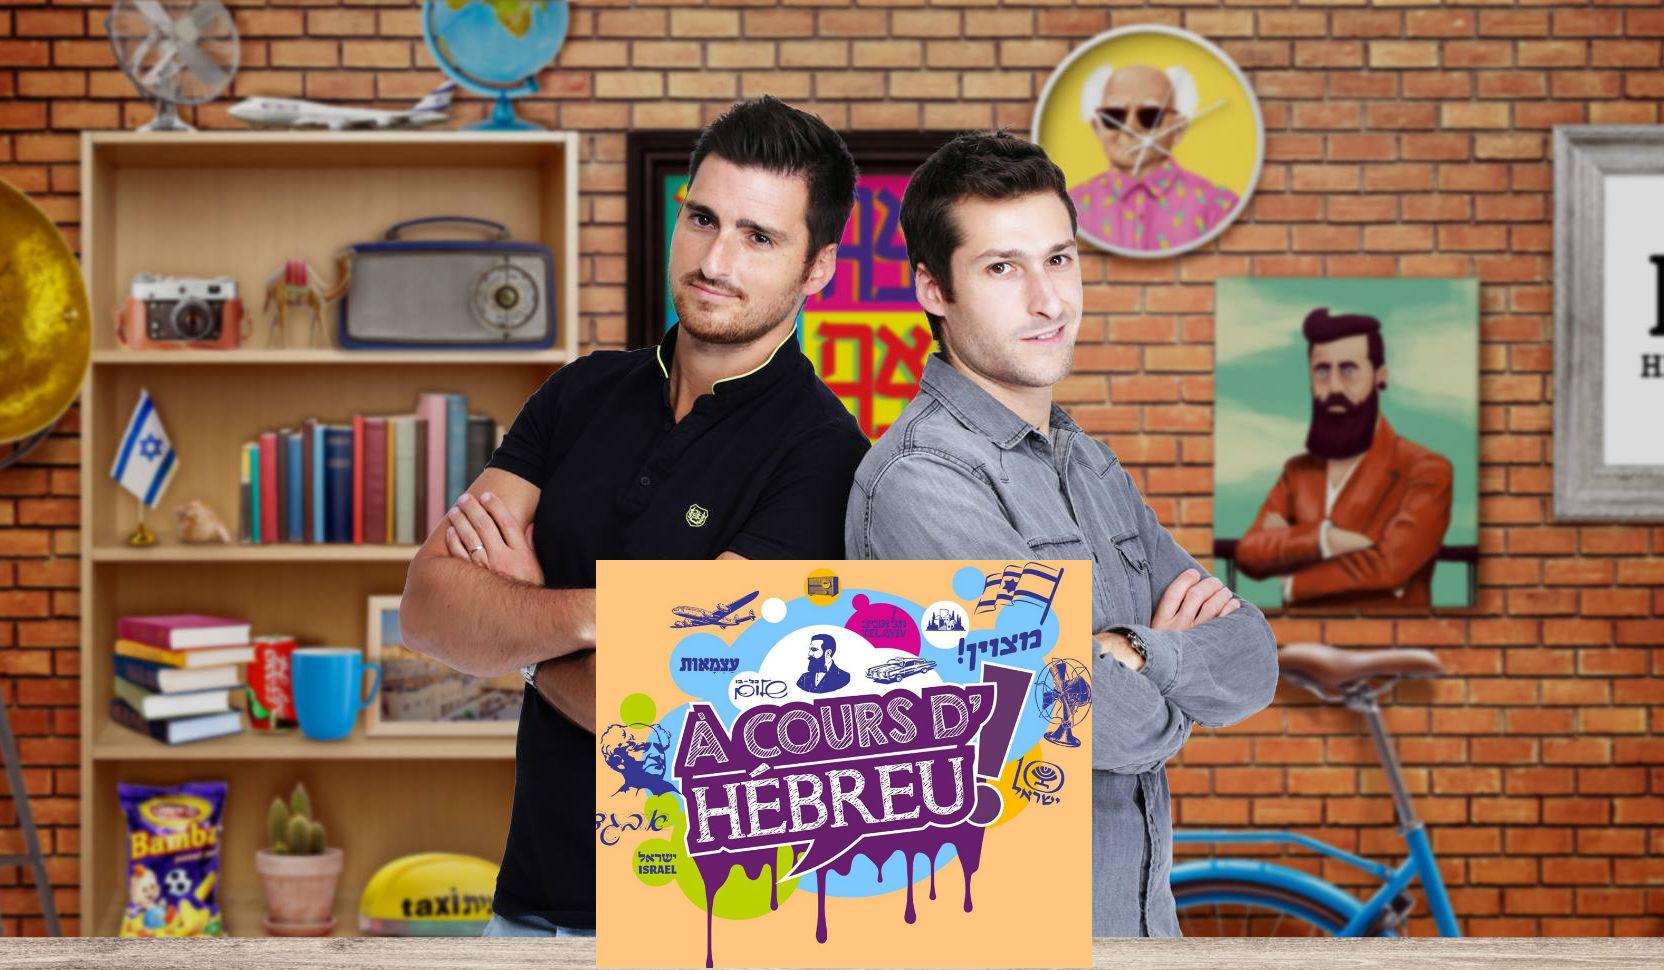 «A cours d'hébreu» : apprendre l'hébreu avec des vidéos ludiques, c'est le projet de Julien et Elie Cohen lauréat de Noé (Vidéos)